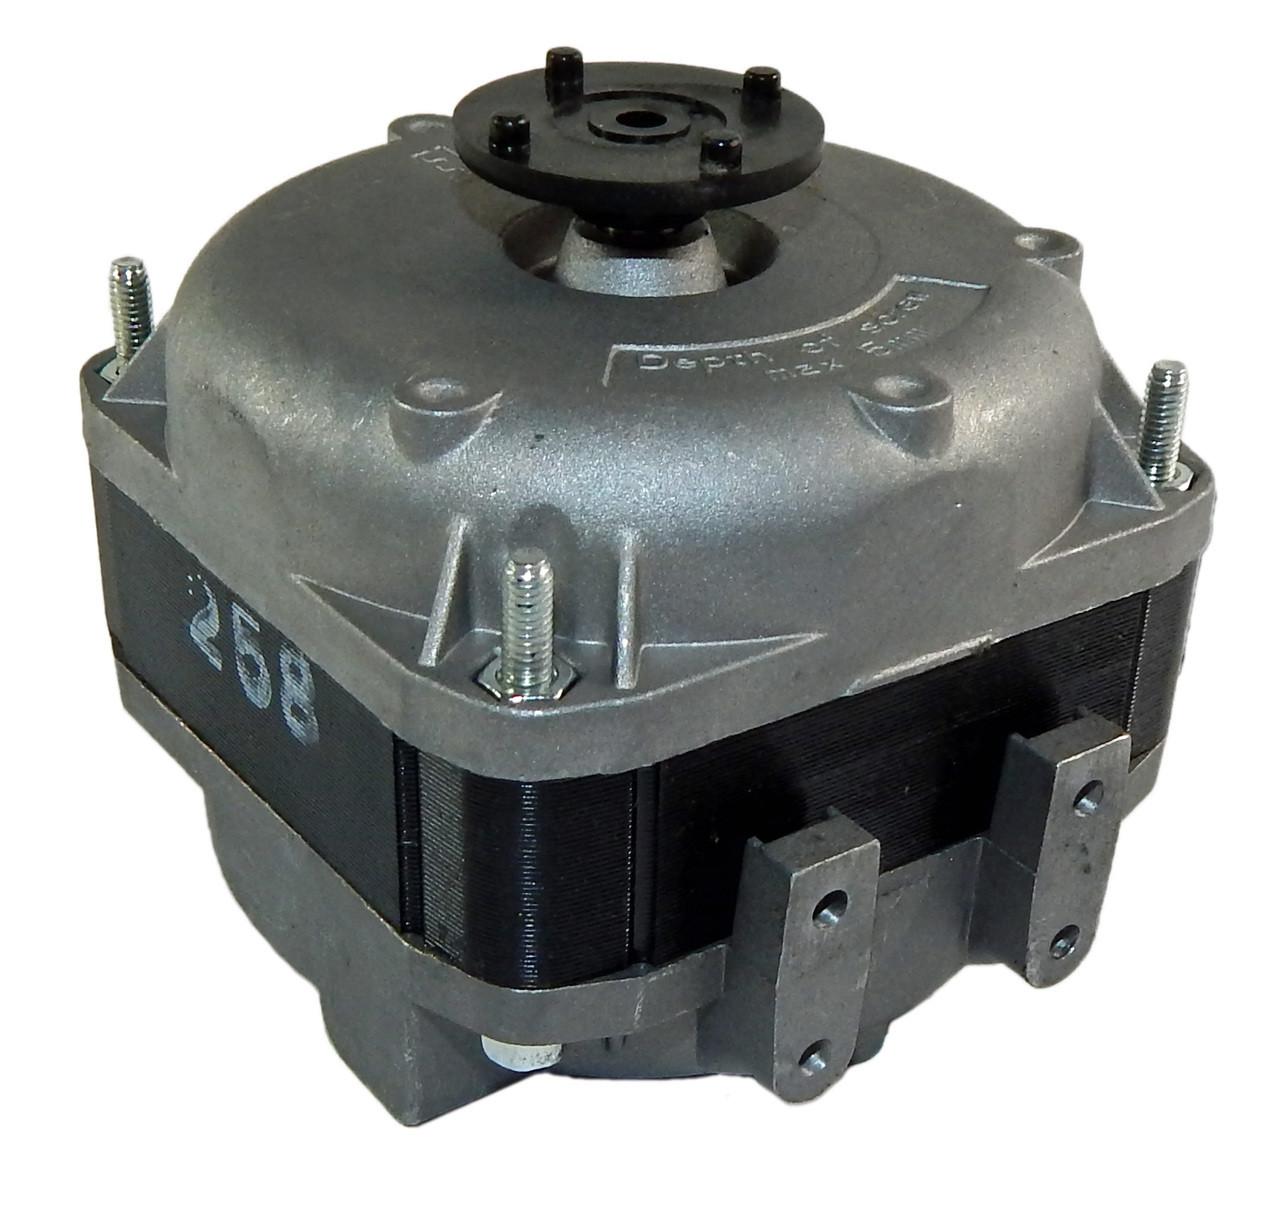 Elco Refrigeration Motor 34 Watt 1/20 hp 115V # EC-34W115 on